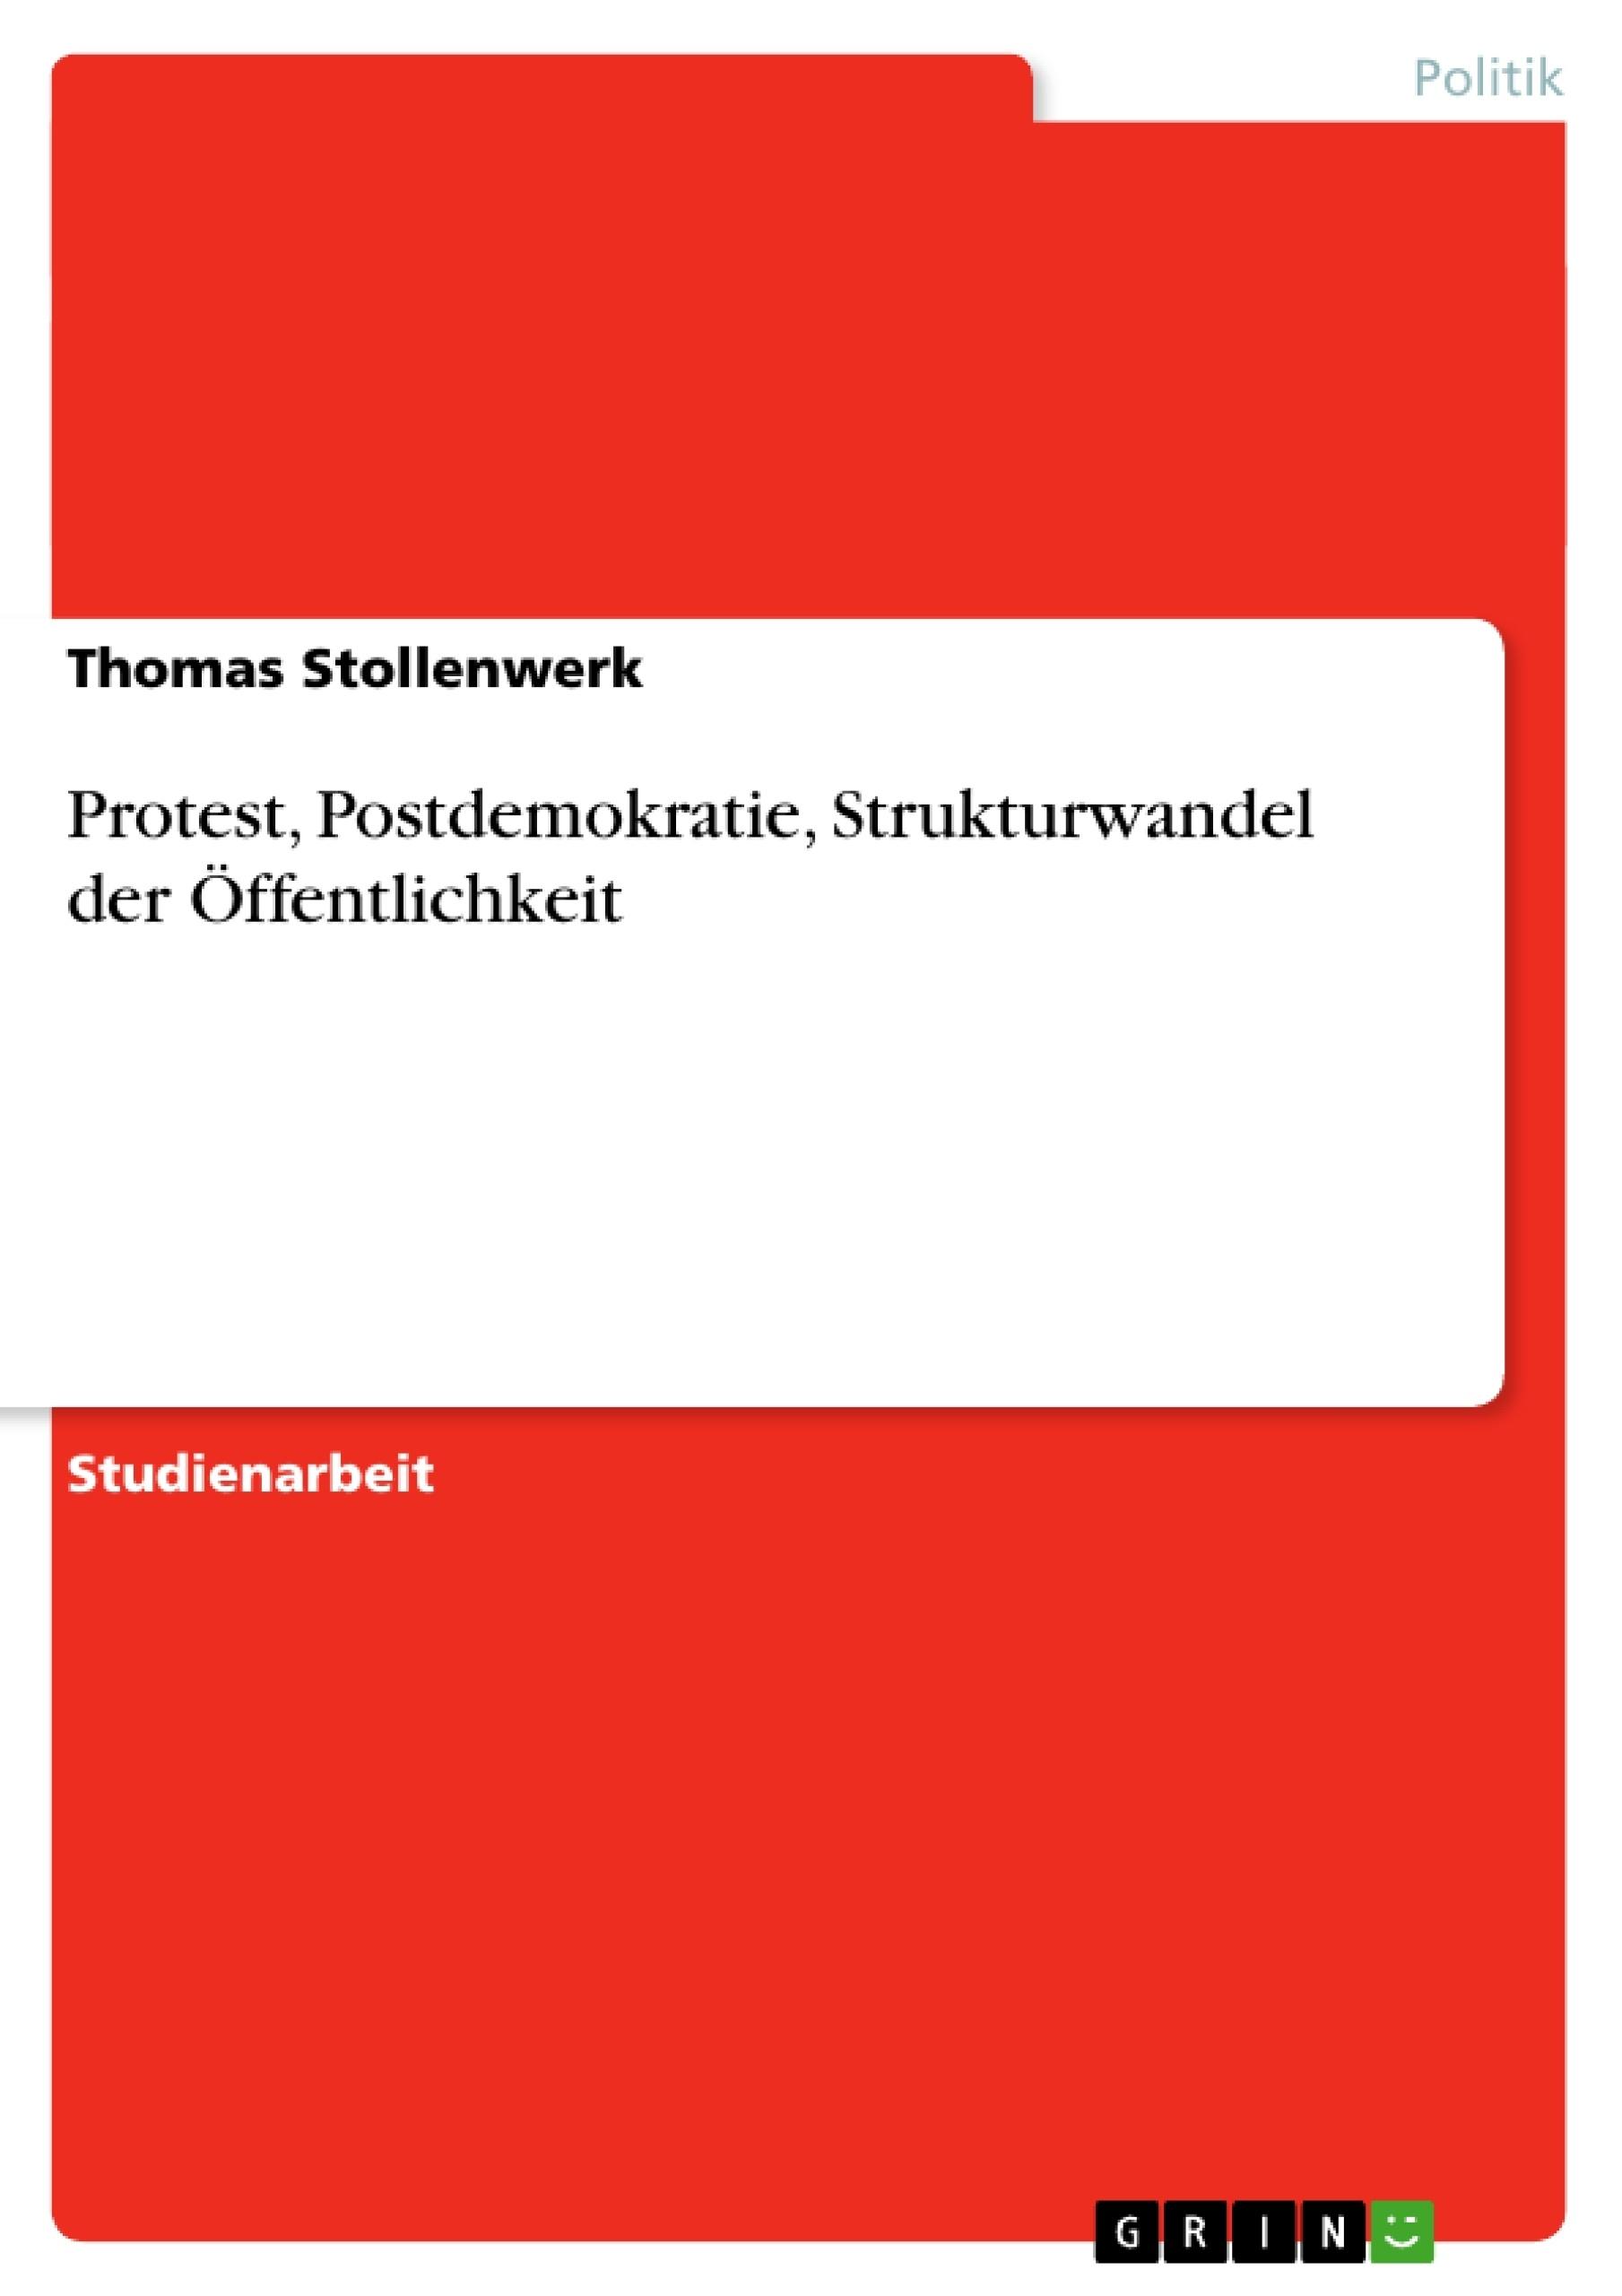 Titel: Protest, Postdemokratie, Strukturwandel der Öffentlichkeit